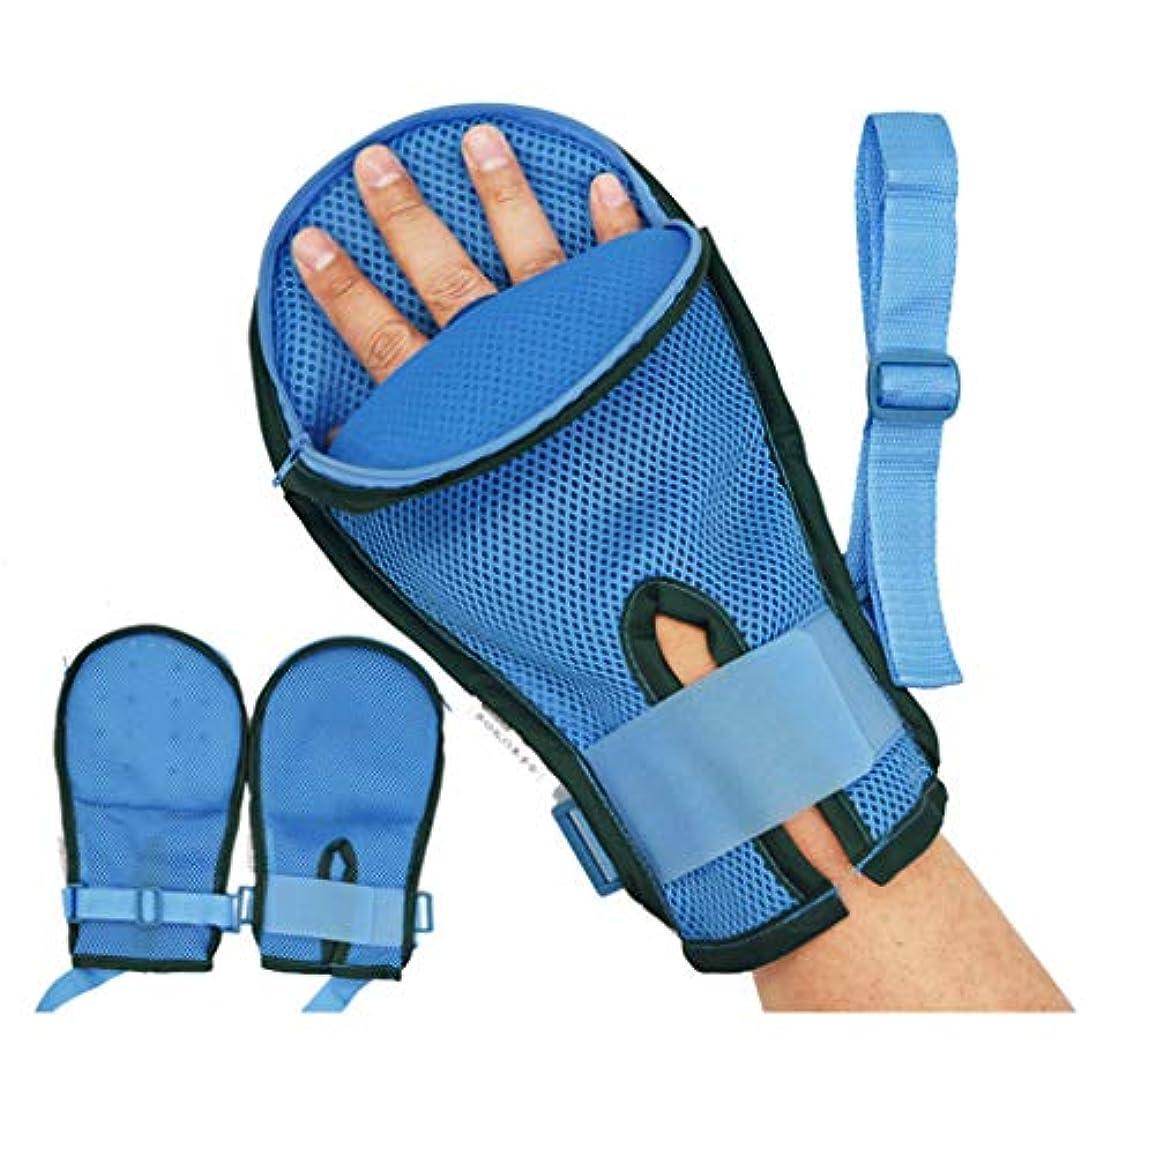 に対応する郡平和的手の拘束制御手袋 - 安全通気性の指の手袋認知症の手袋指の害を防ぐ固定ヘルスケア用具,2pcs,L